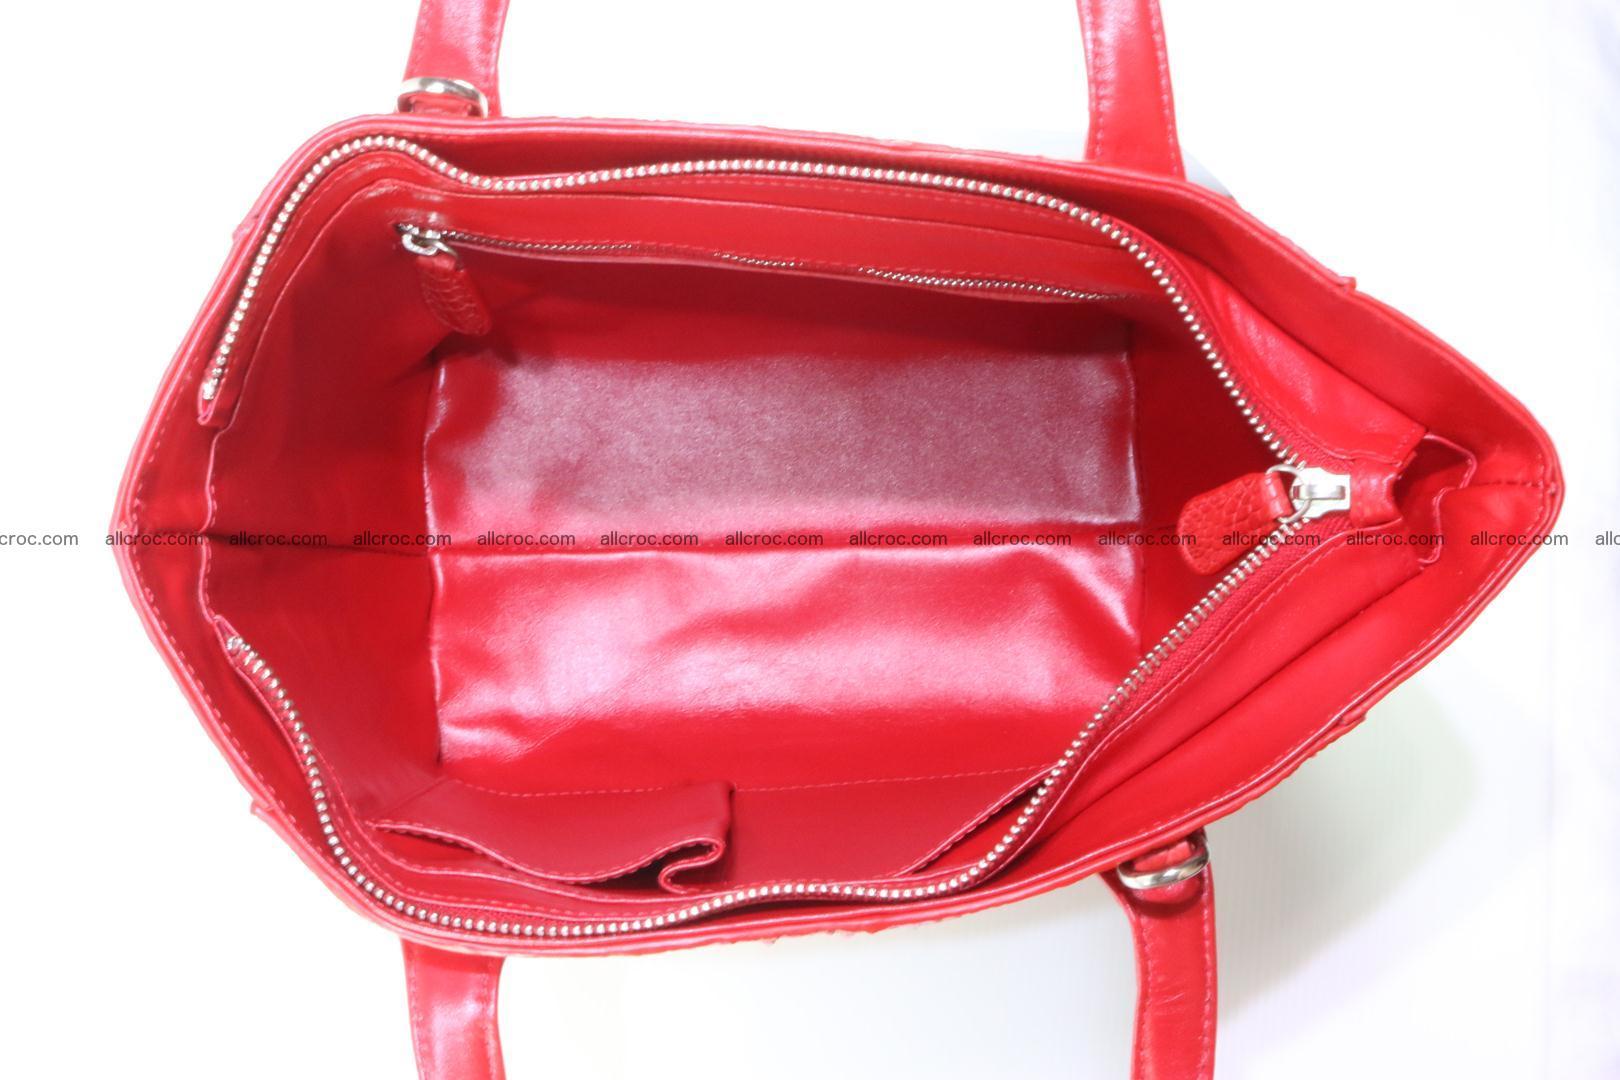 Genuine crocodile women's handbag 052 Foto 12